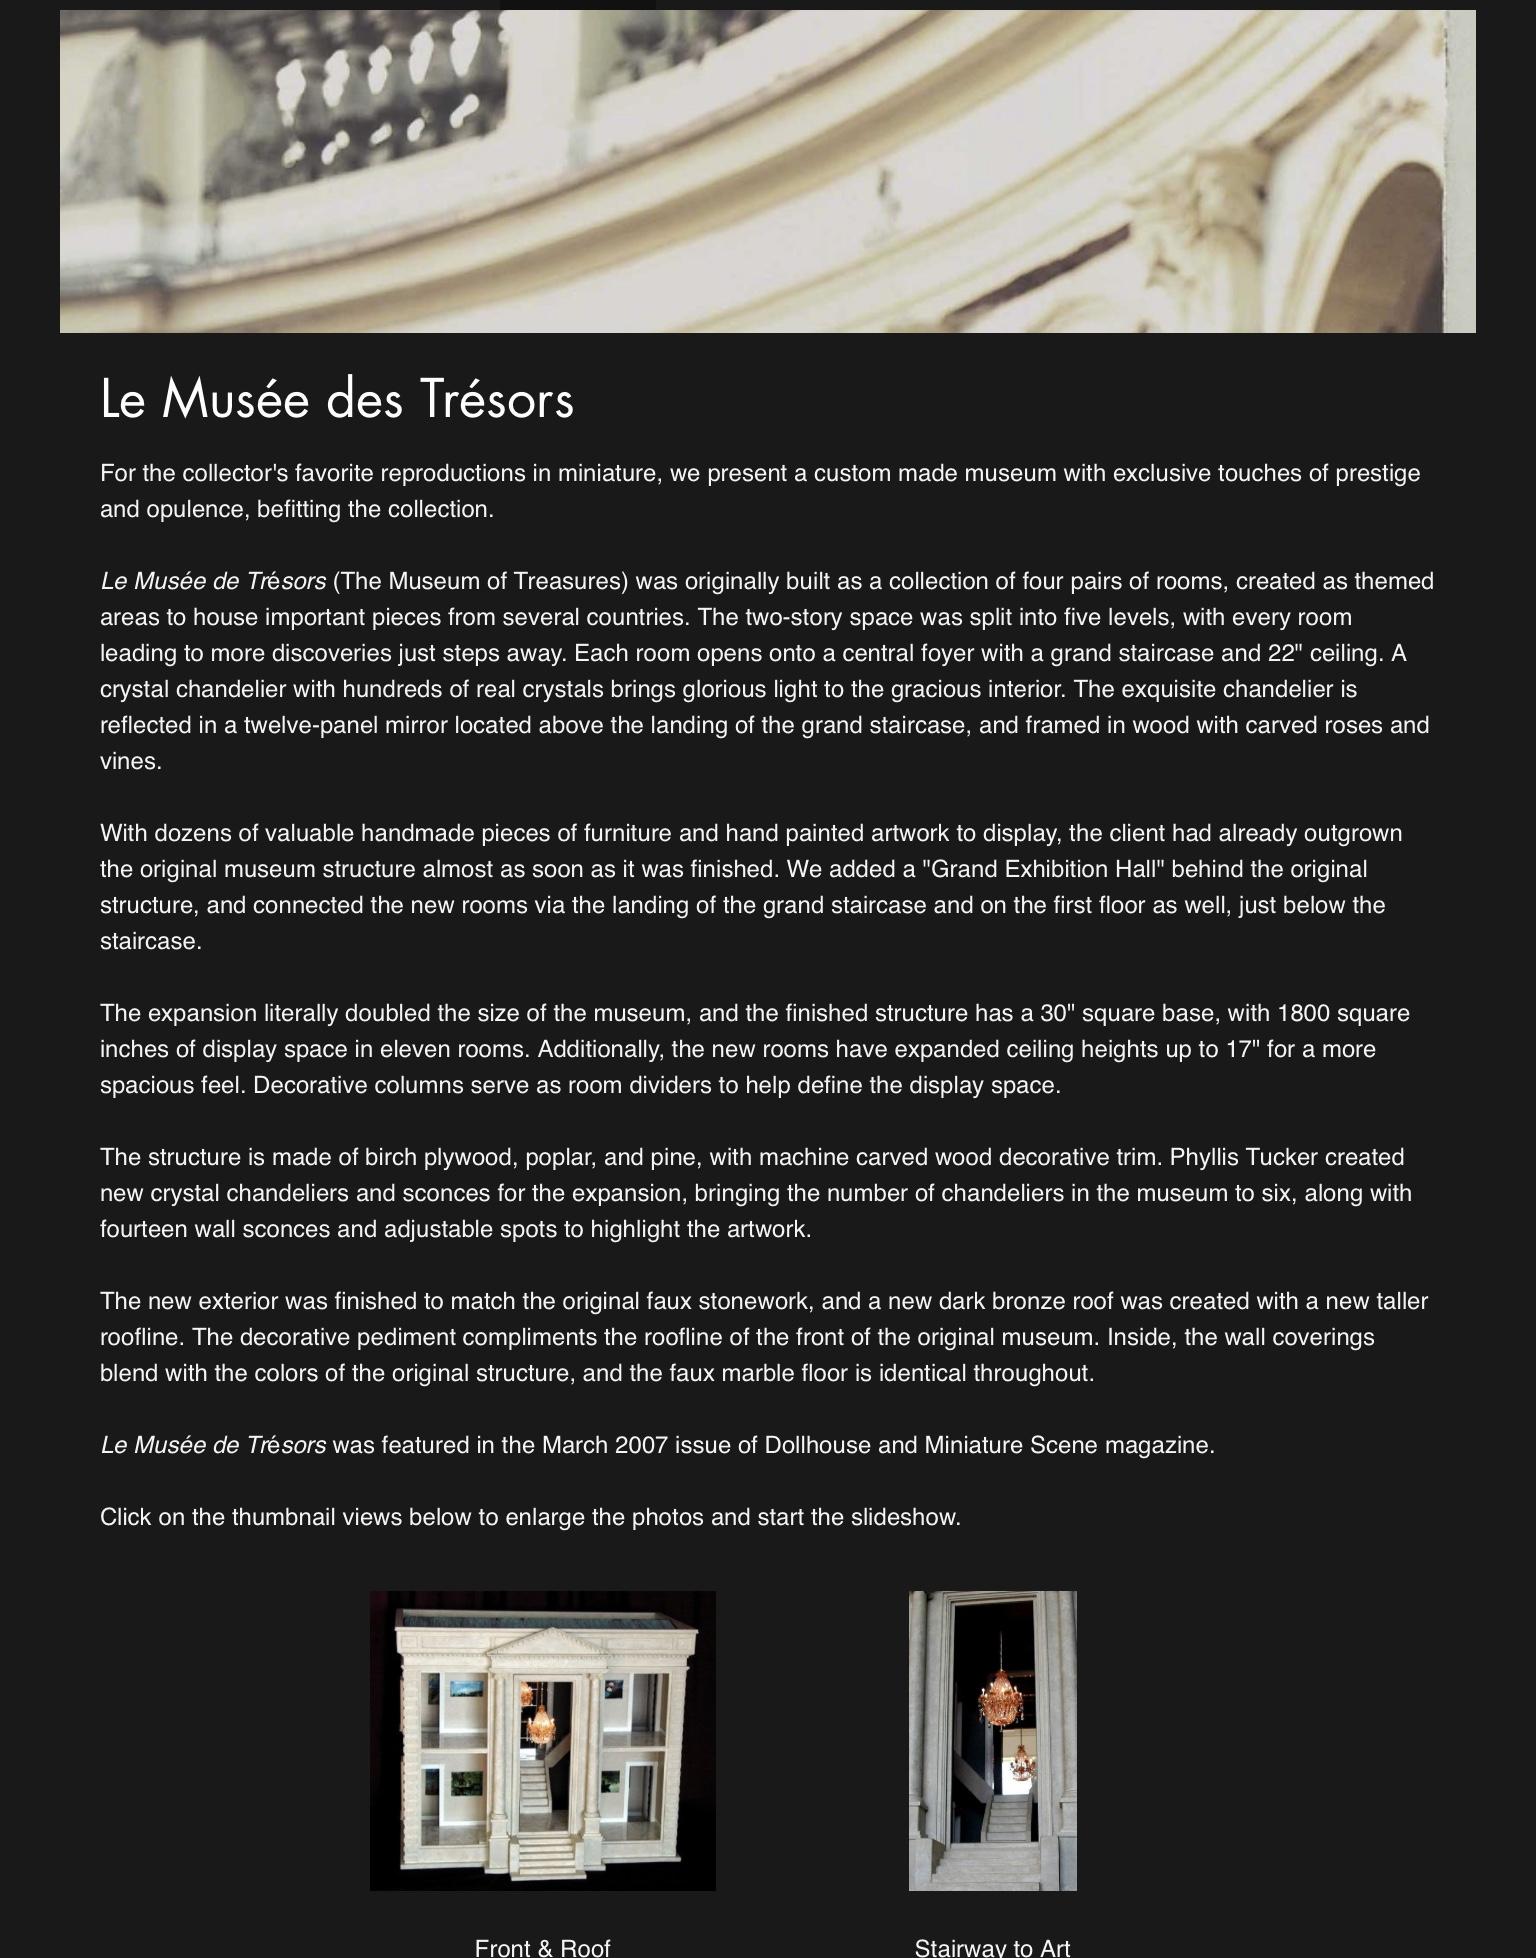 Le Musée de Trésors